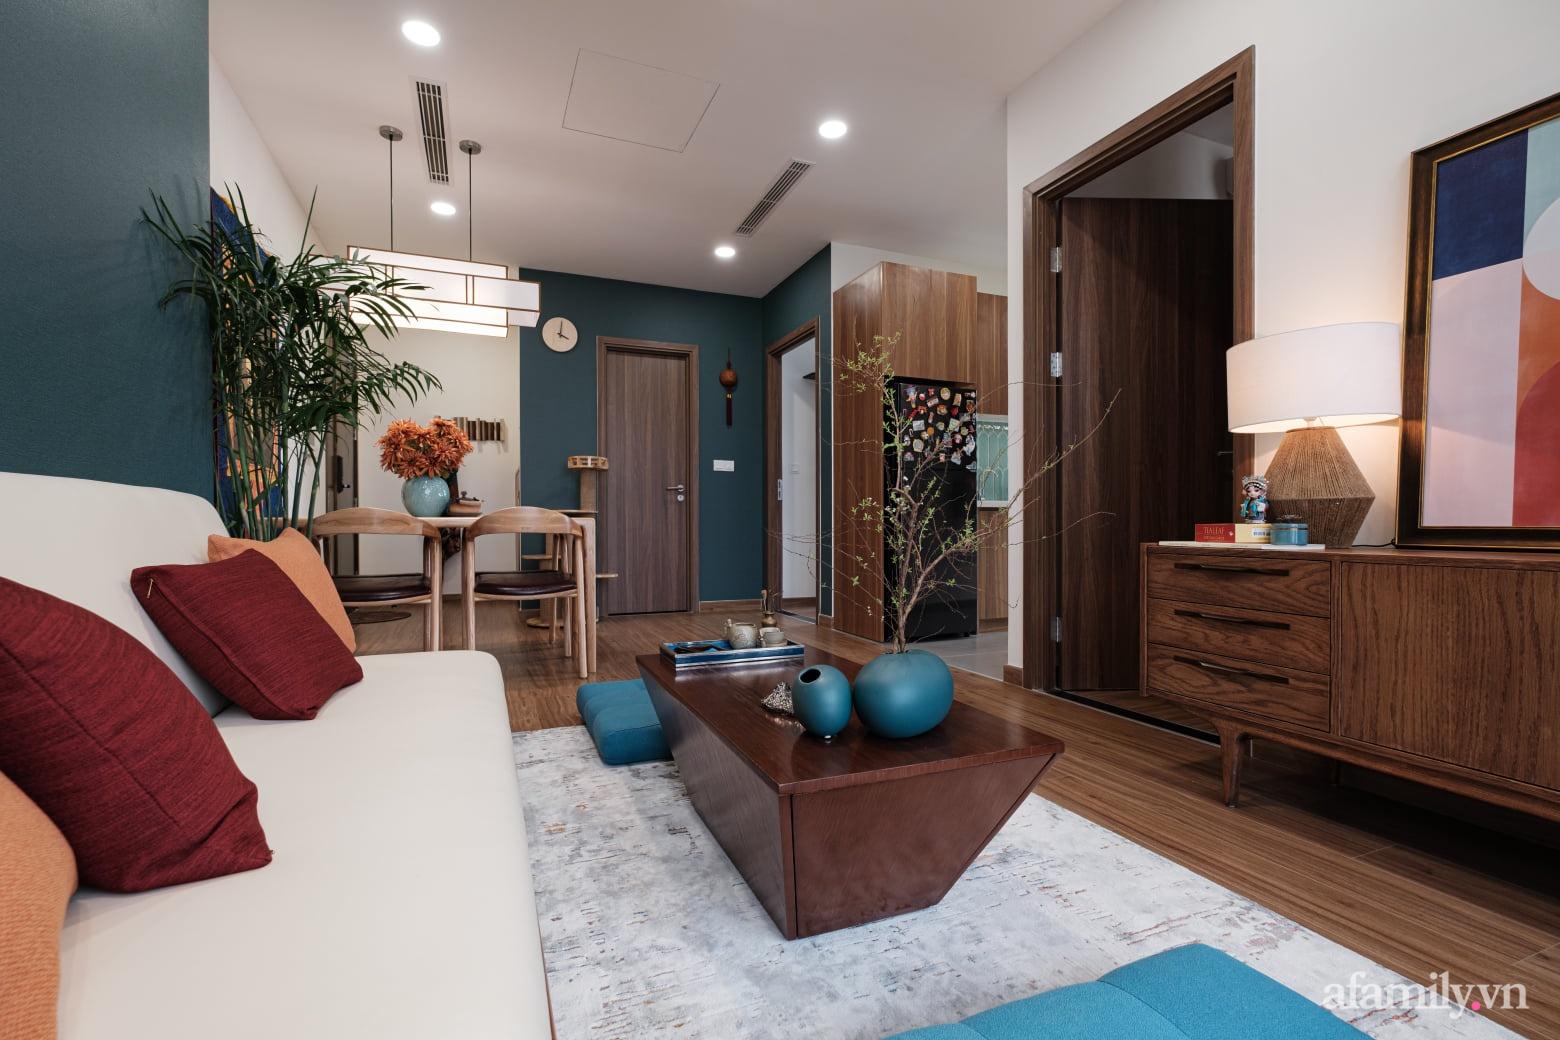 Căn hộ 60m² đẹp tĩnh lặng và tinh tế mang hơi thở của Zen ở quận 7 Sài Gòn - Ảnh 7.